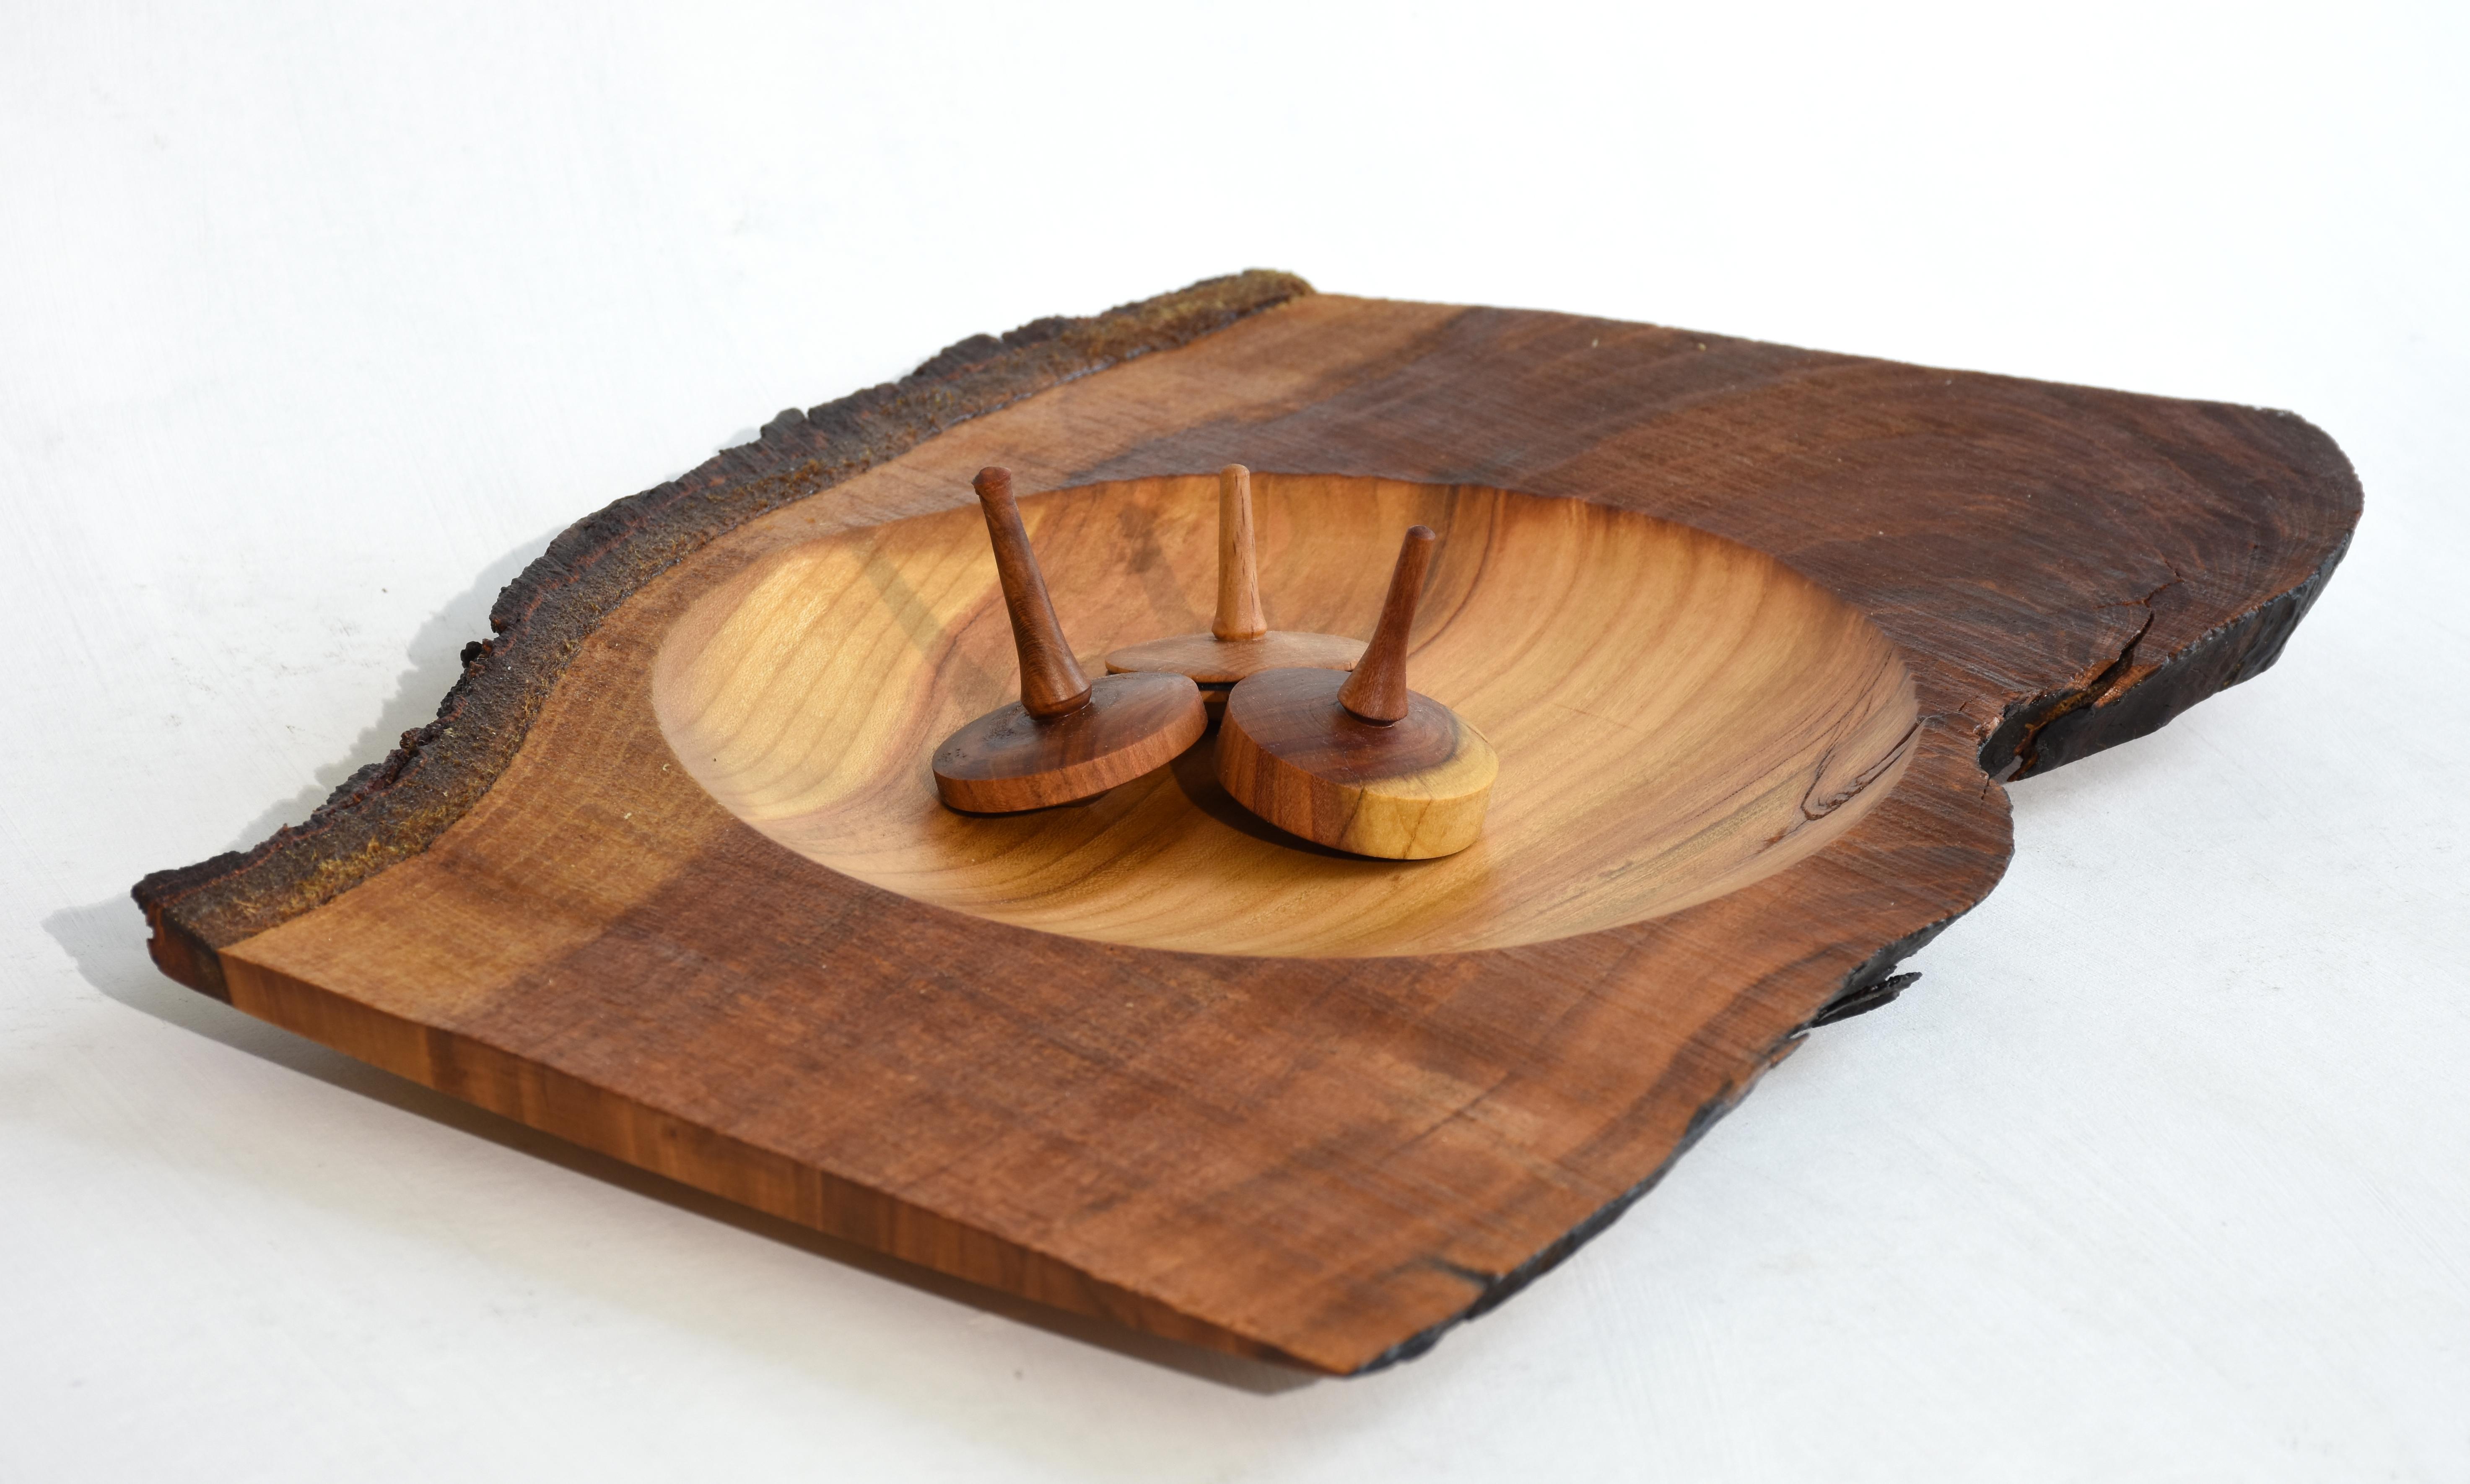 Pfirsichholz mit drei Kreiseln